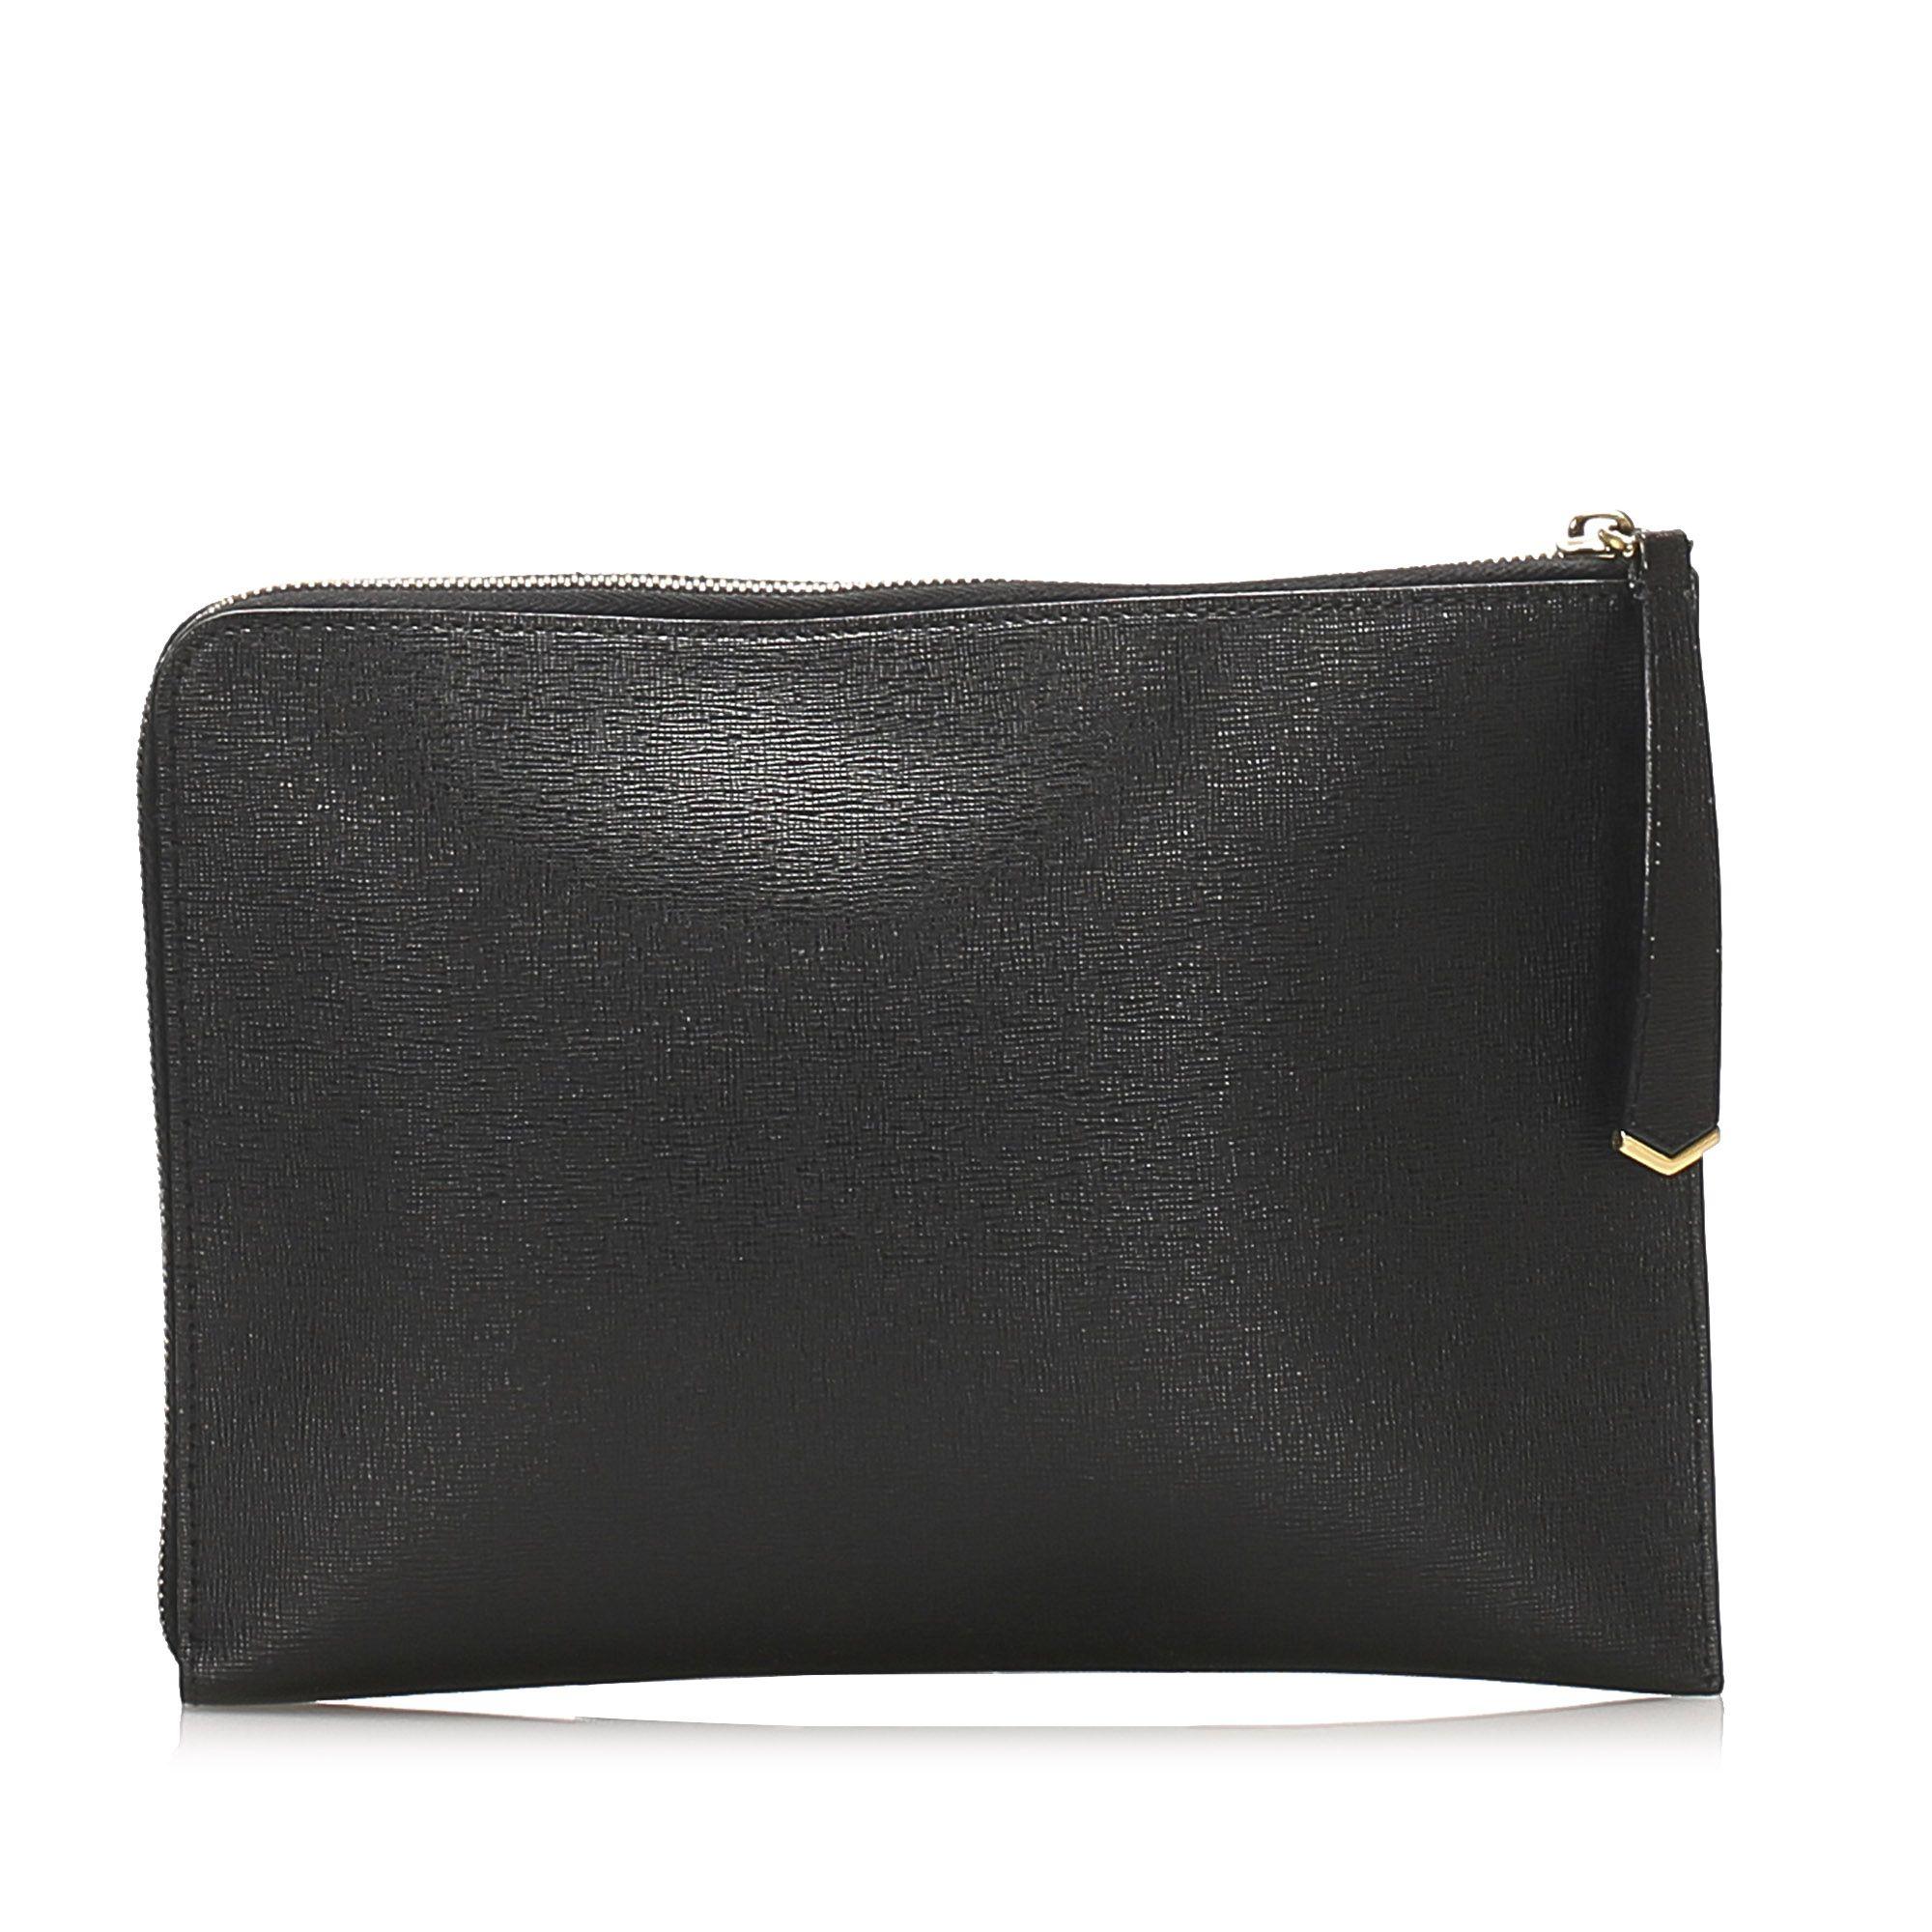 Vintage Fendi Monster Leather Clutch Bag Black